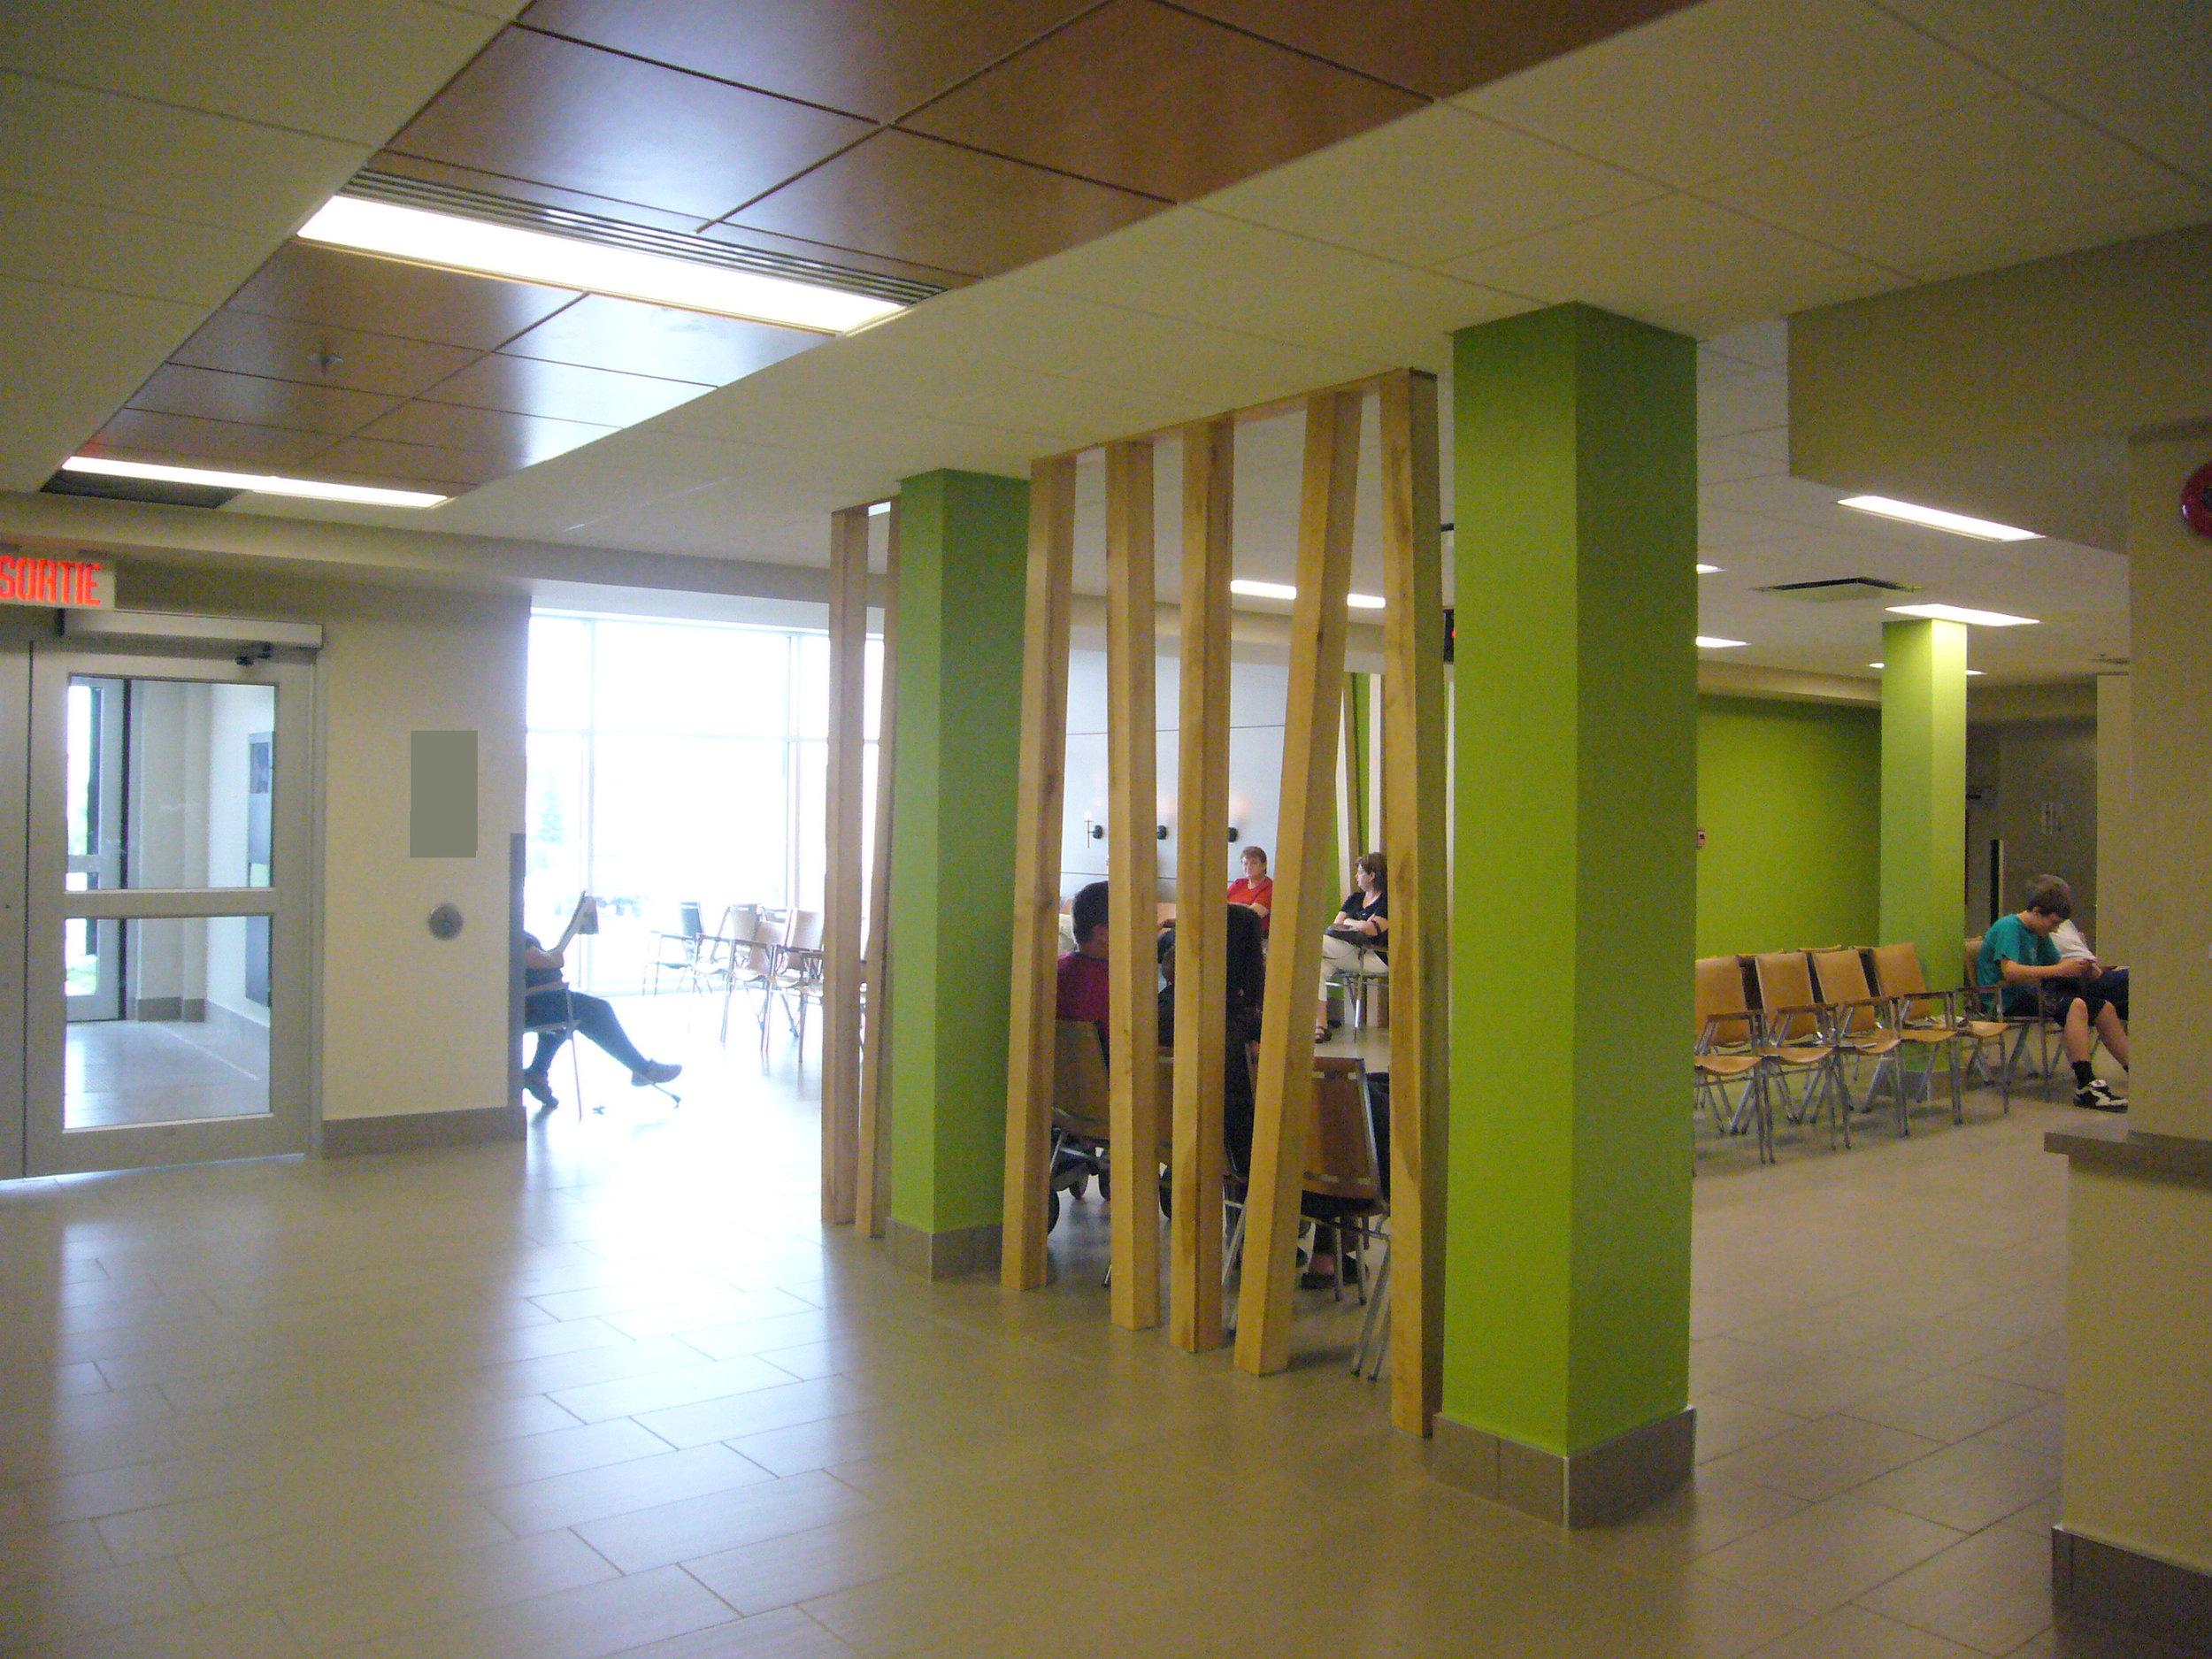 Hôpital de Dolbeau  Année : 2008  | Budget: 14,5M$   Réalisé en consortium